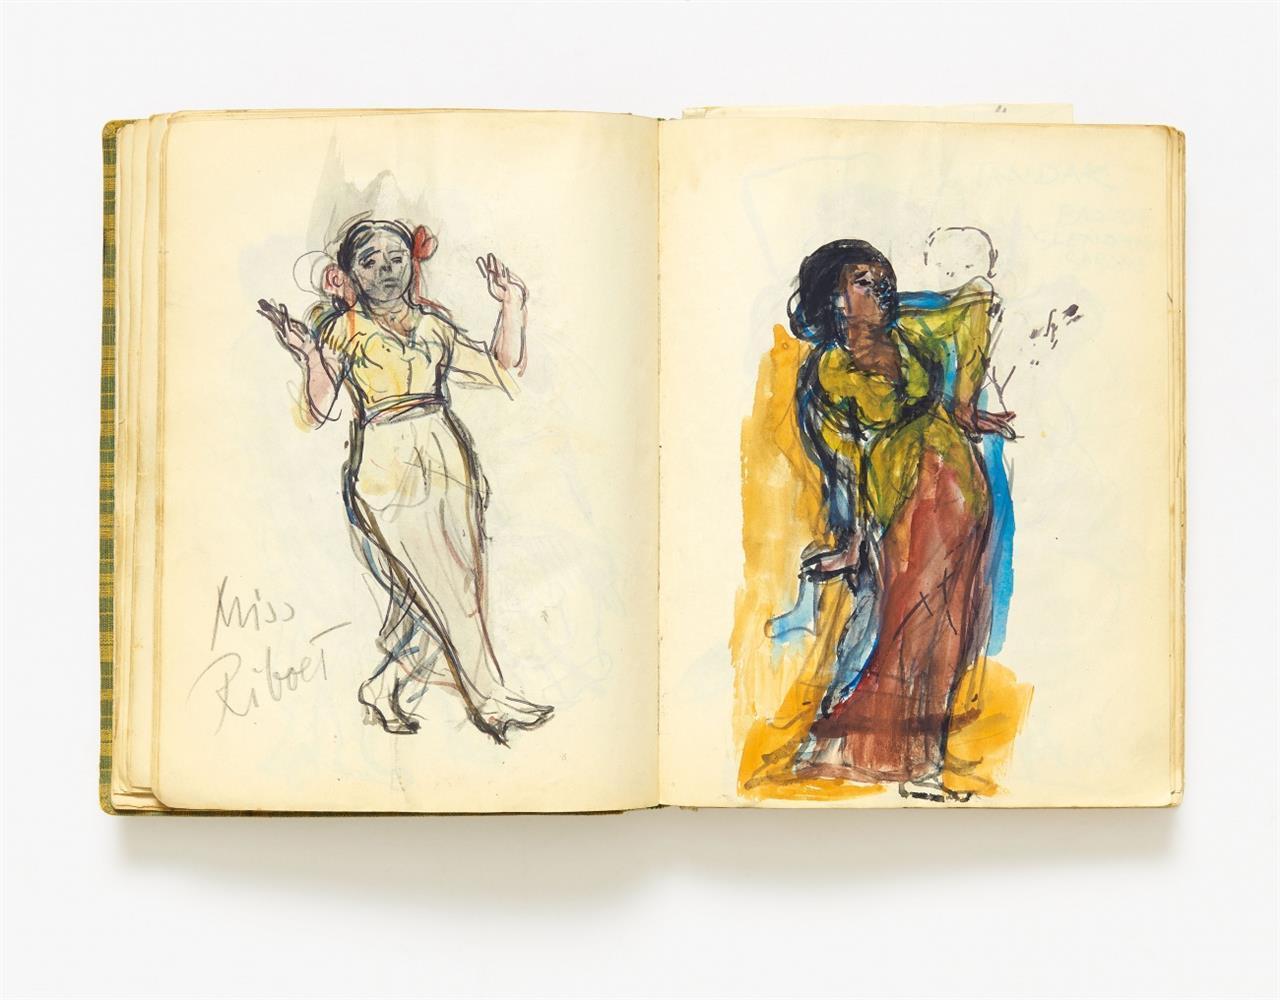 Fritz Heinsheimer. Skizzenbuch. Java 1931-32. / 1 Beilage von Colette.